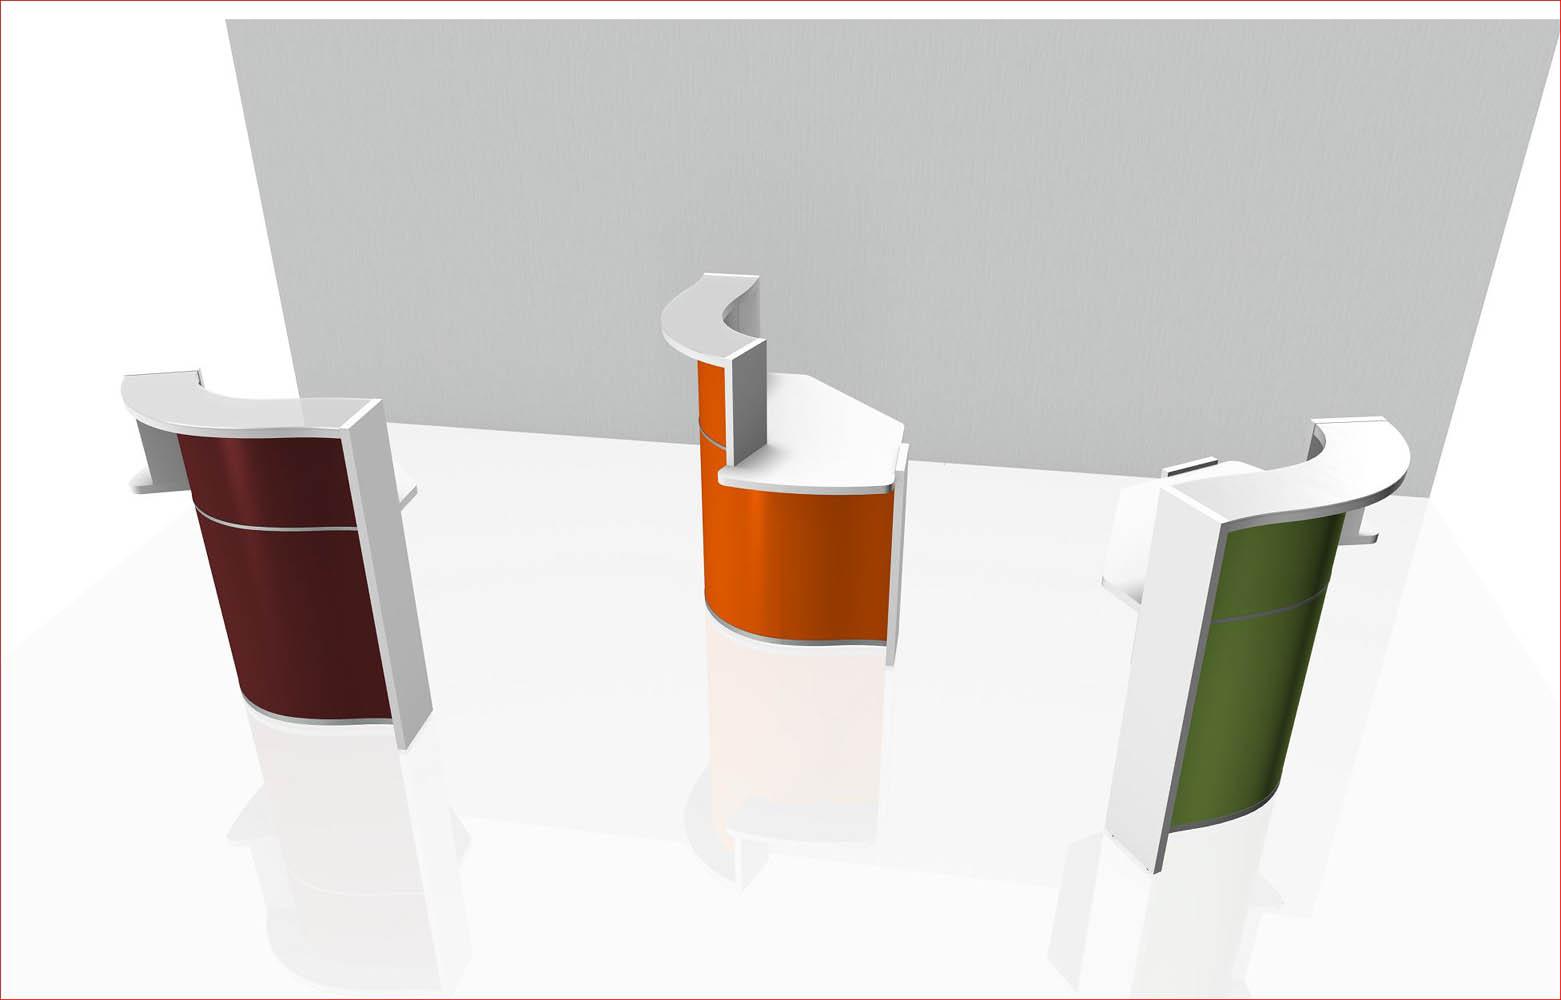 borne ou plot d 39 accueil petite banque dm vag. Black Bedroom Furniture Sets. Home Design Ideas